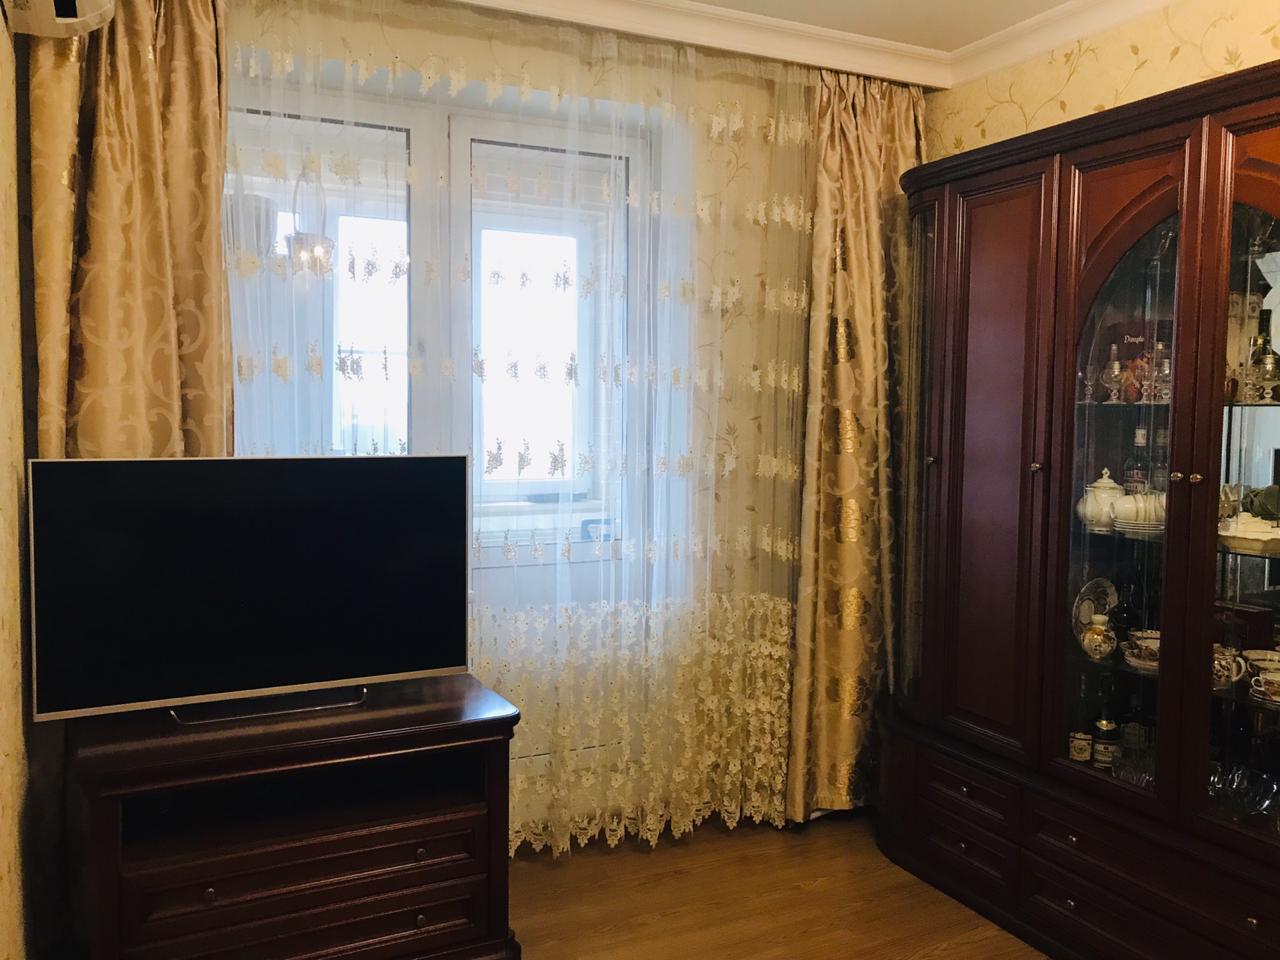 Квартира на продажу по адресу Россия, Московская область, Ленинский район, Молоково, Ново-Молоковский бульвар, 12